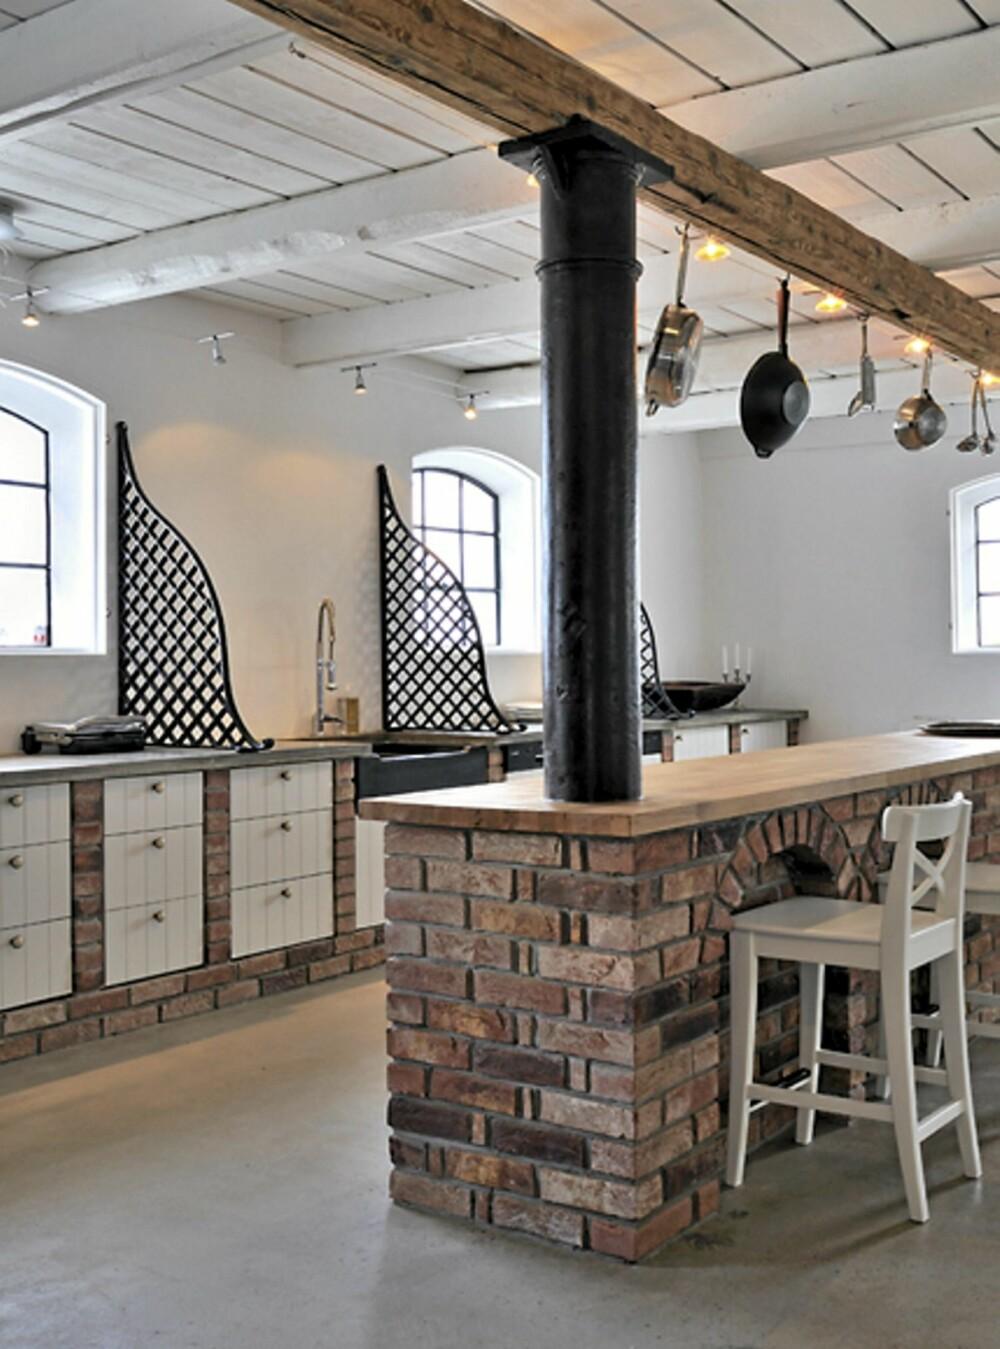 LANDLIG KJØKKEN: Elementer i tre og murstein gir et lunt og landlig kjøkken.